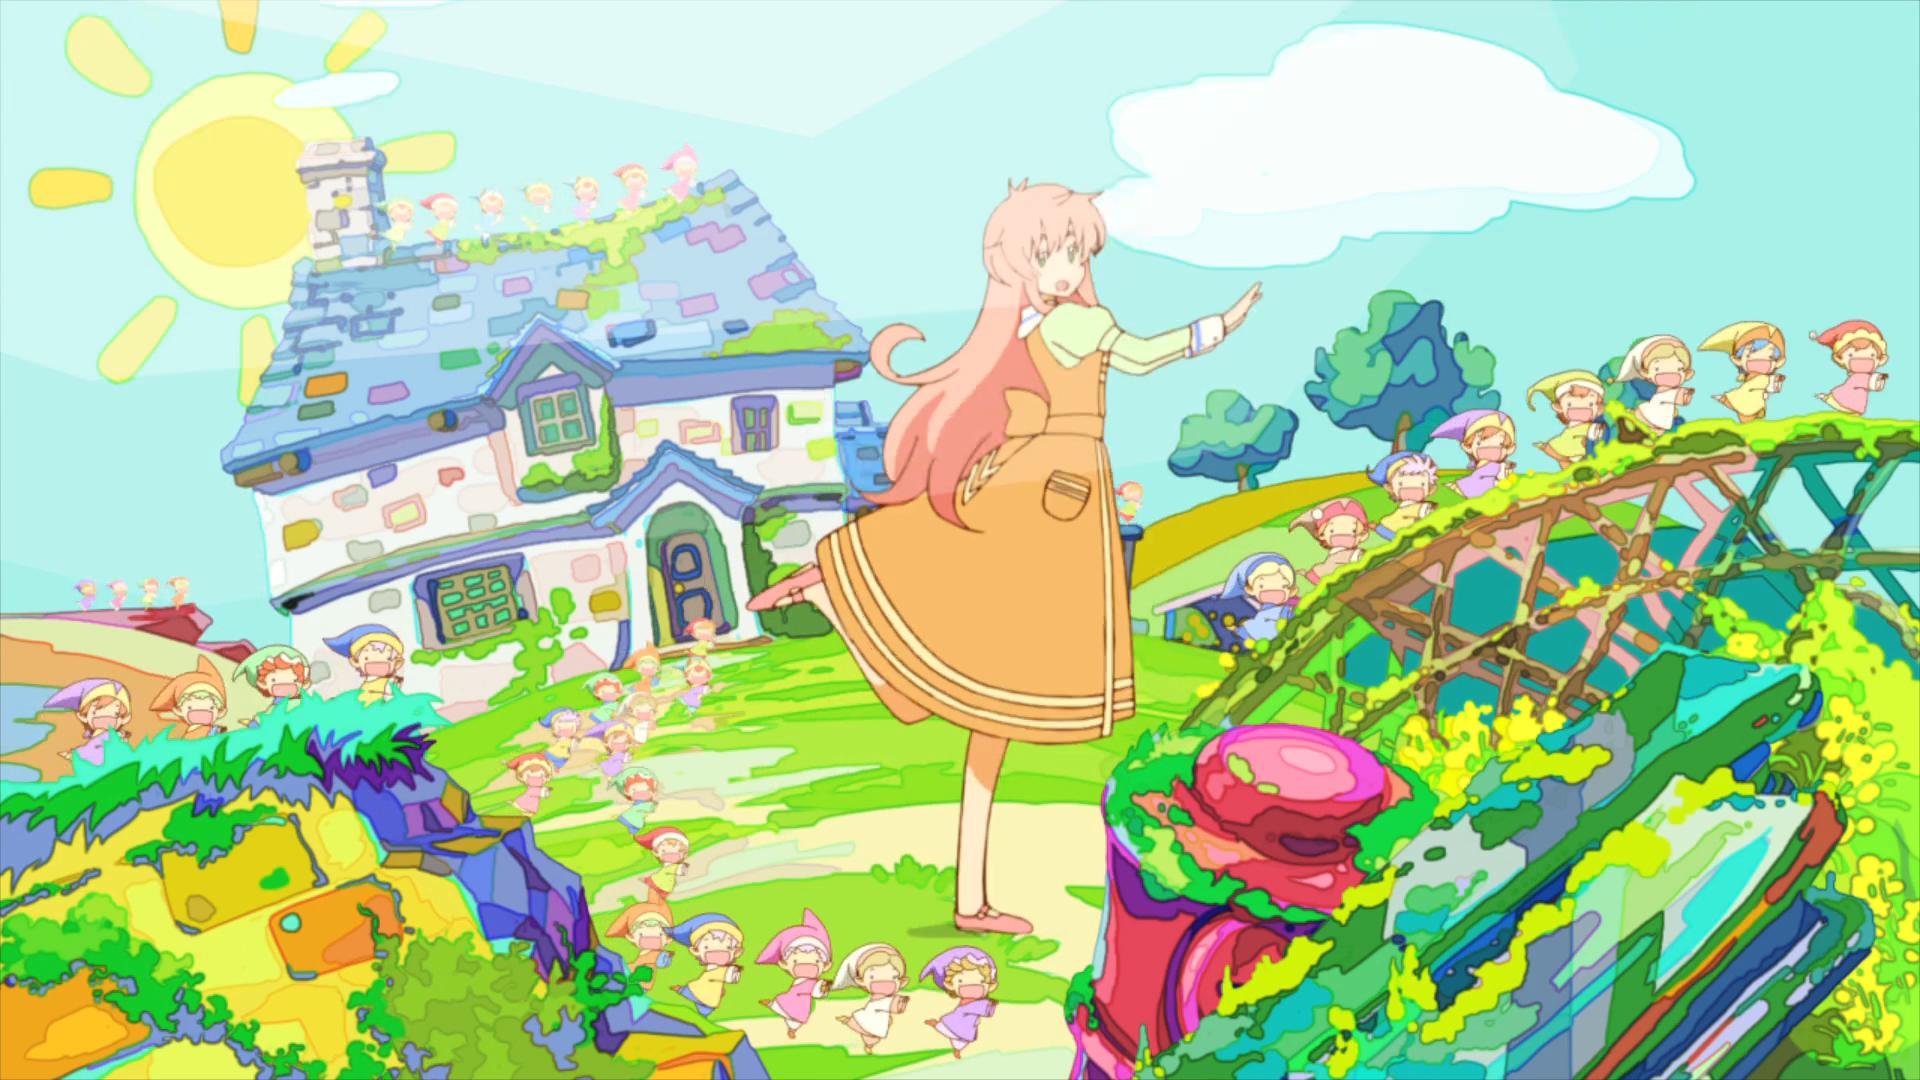 Jinrui Wa Suitai Shimashita Wallpapers Anime Hq Jinrui Wa Suitai